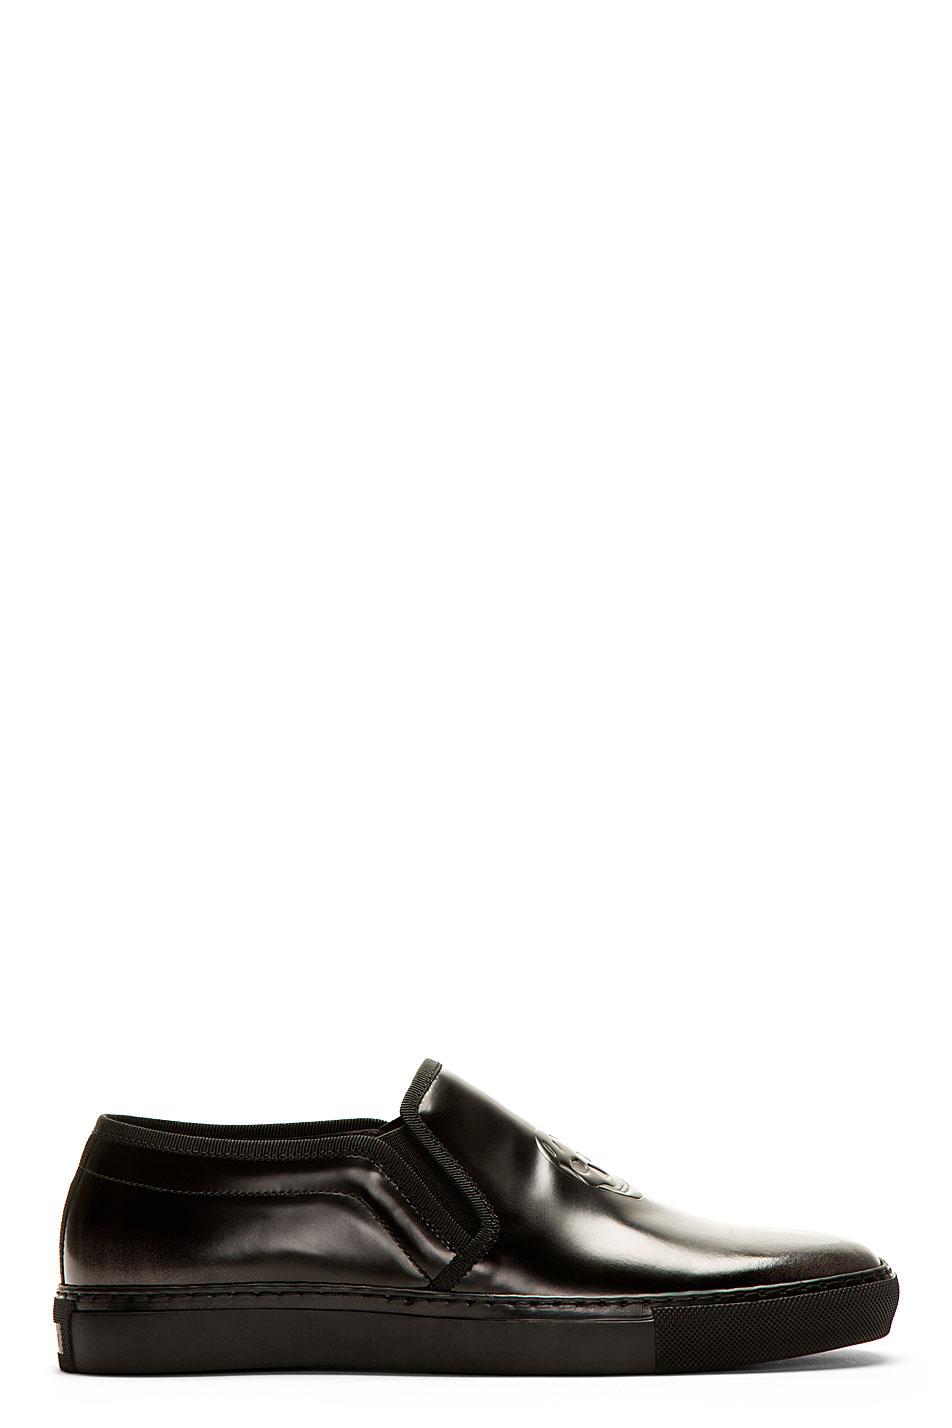 alexander mcqueen black embossed skull slip_on shoes